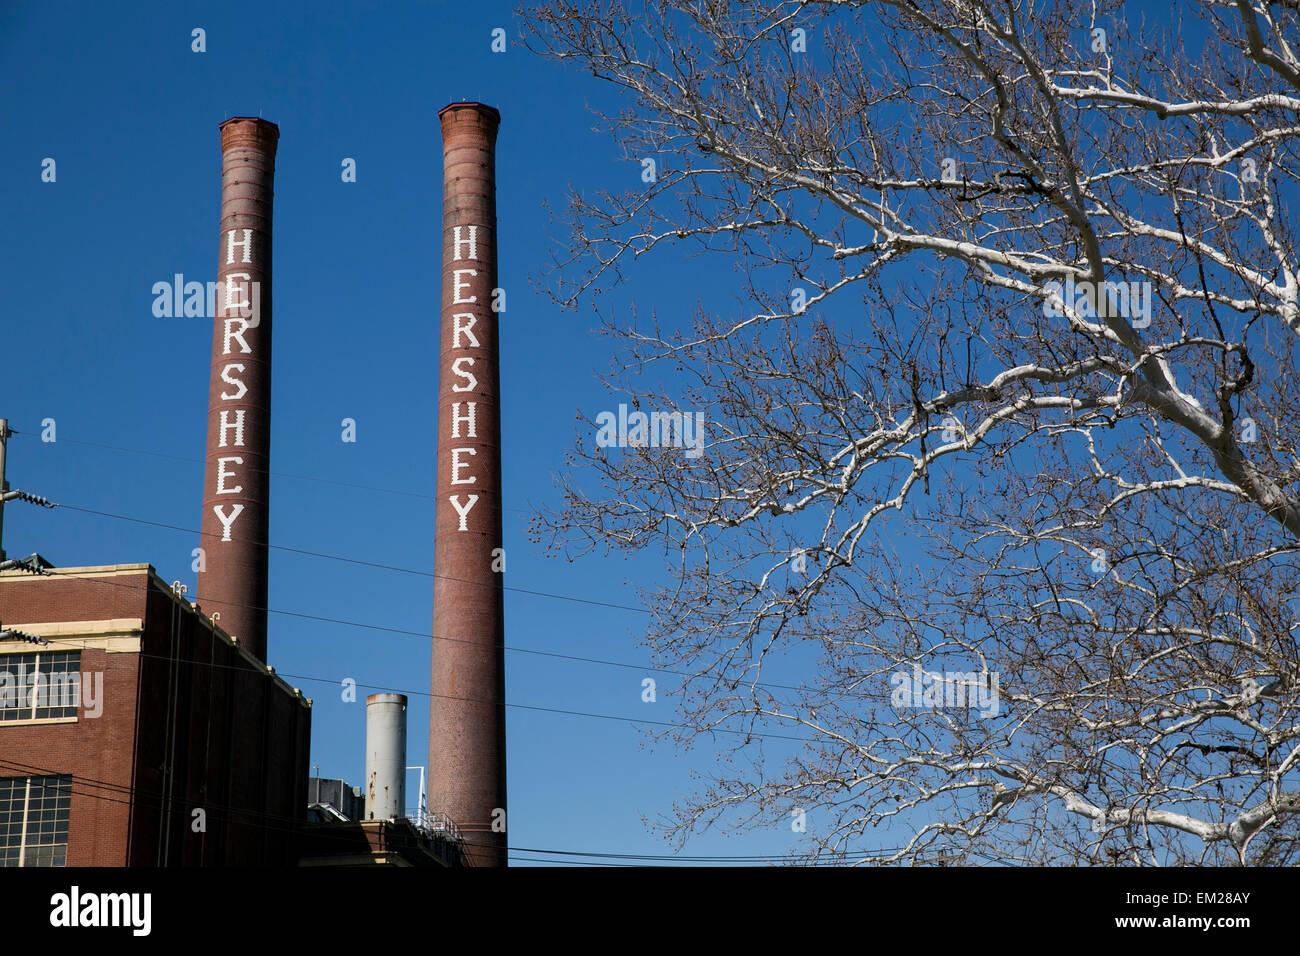 Ein Blick auf die ursprüngliche Hershey Schokoladenfabrik in Hershey, Pennsylvania. Stockfoto